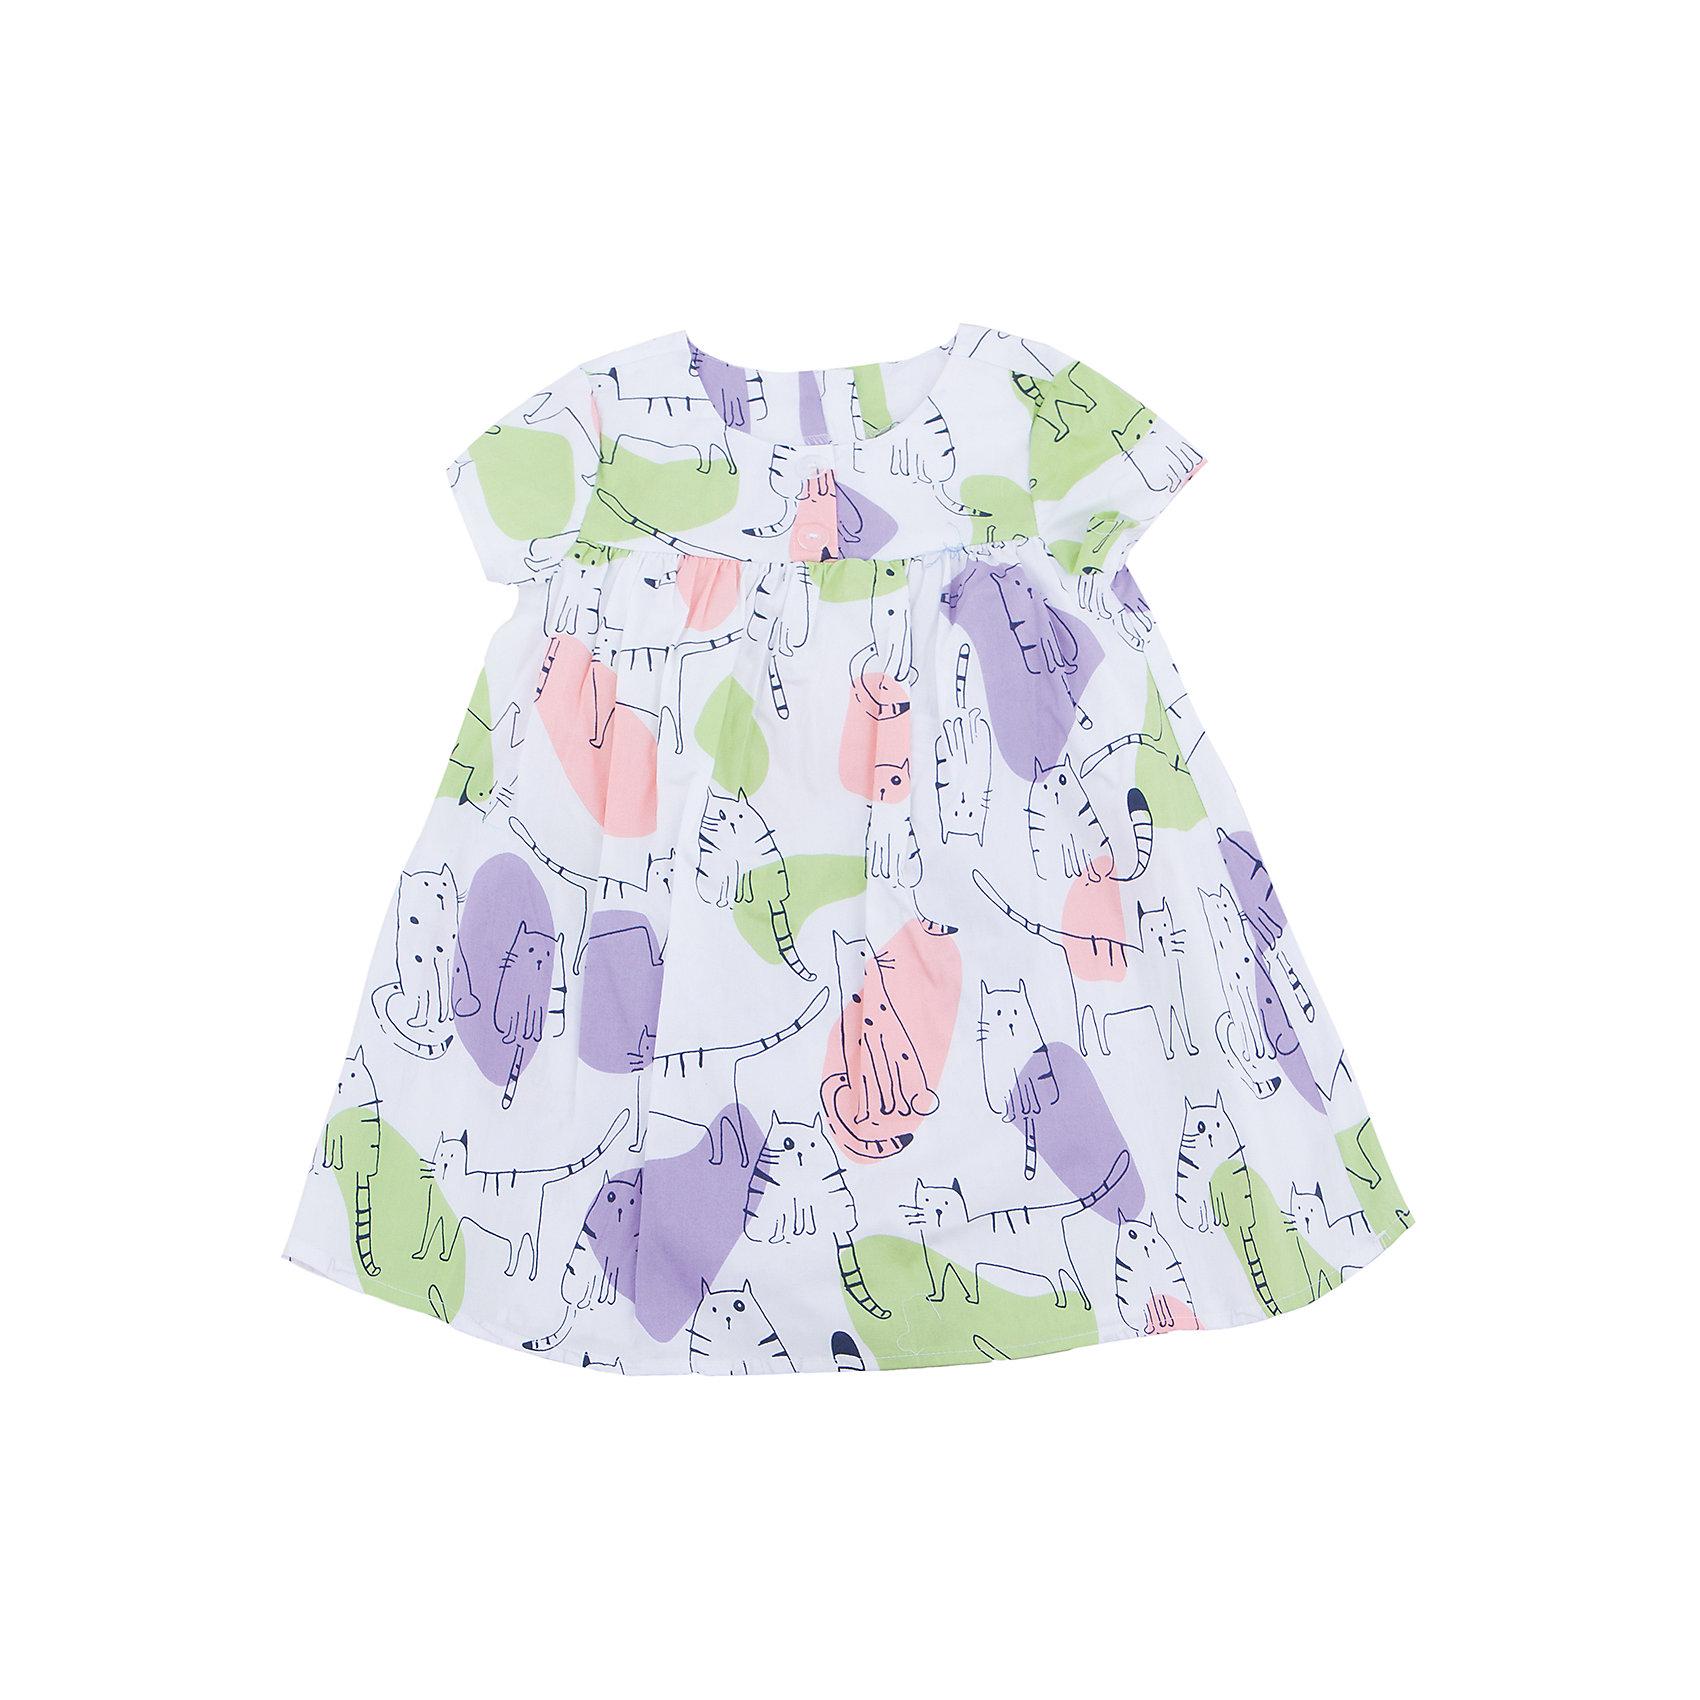 Платье для девочки SELAПлатья и сарафаны<br>Характеристики товара:<br><br>• цвет: белый<br>• состав: 100% хлопок<br>• сезон: лето<br>• принт<br>• длина выше колена<br>• корткие рукава<br>• страна бренда: Россия<br><br>Платье для девочки поможет разнообразить гардероб ребенка и обеспечить комфорт.  Оно отлично сочетается с босоножками, сандалями или туфельками. Стильная и удобная вещь!<br><br>Одежда, обувь и аксессуары от российского бренда SELA не зря пользуются большой популярностью у детей и взрослых!<br><br>Платье для девочки от популярного бренда SELA (СЕЛА) можно купить в нашем интернет-магазине.<br><br>Ширина мм: 236<br>Глубина мм: 16<br>Высота мм: 184<br>Вес г: 177<br>Цвет: белый<br>Возраст от месяцев: 60<br>Возраст до месяцев: 72<br>Пол: Женский<br>Возраст: Детский<br>Размер: 116,92,98,104,110<br>SKU: 5305431